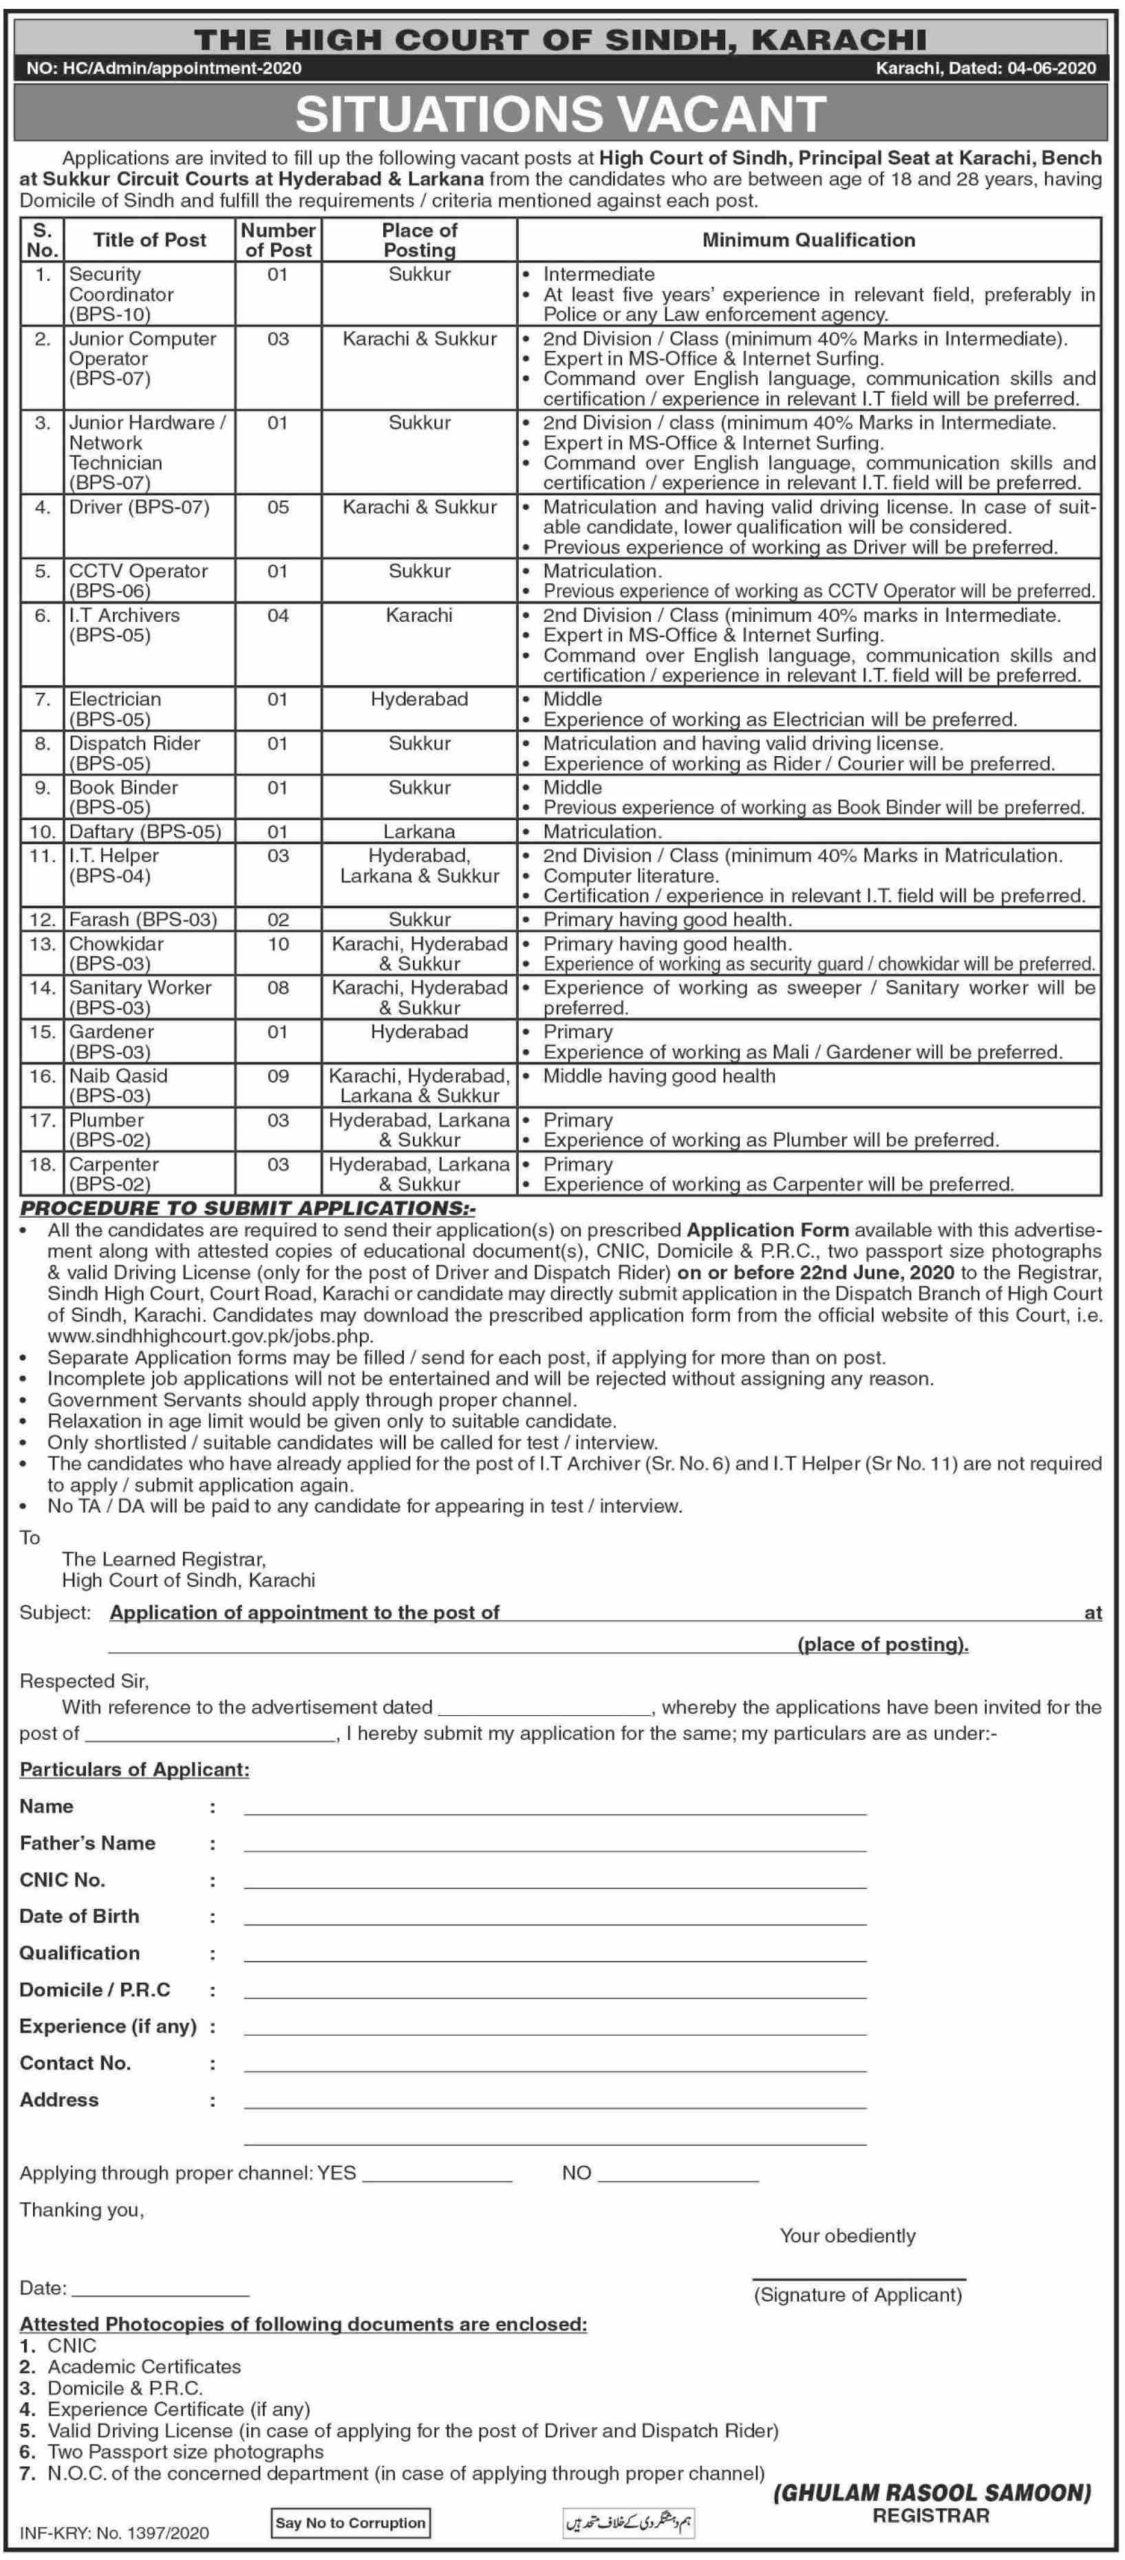 high-court-of-sindh-karachi-jobs